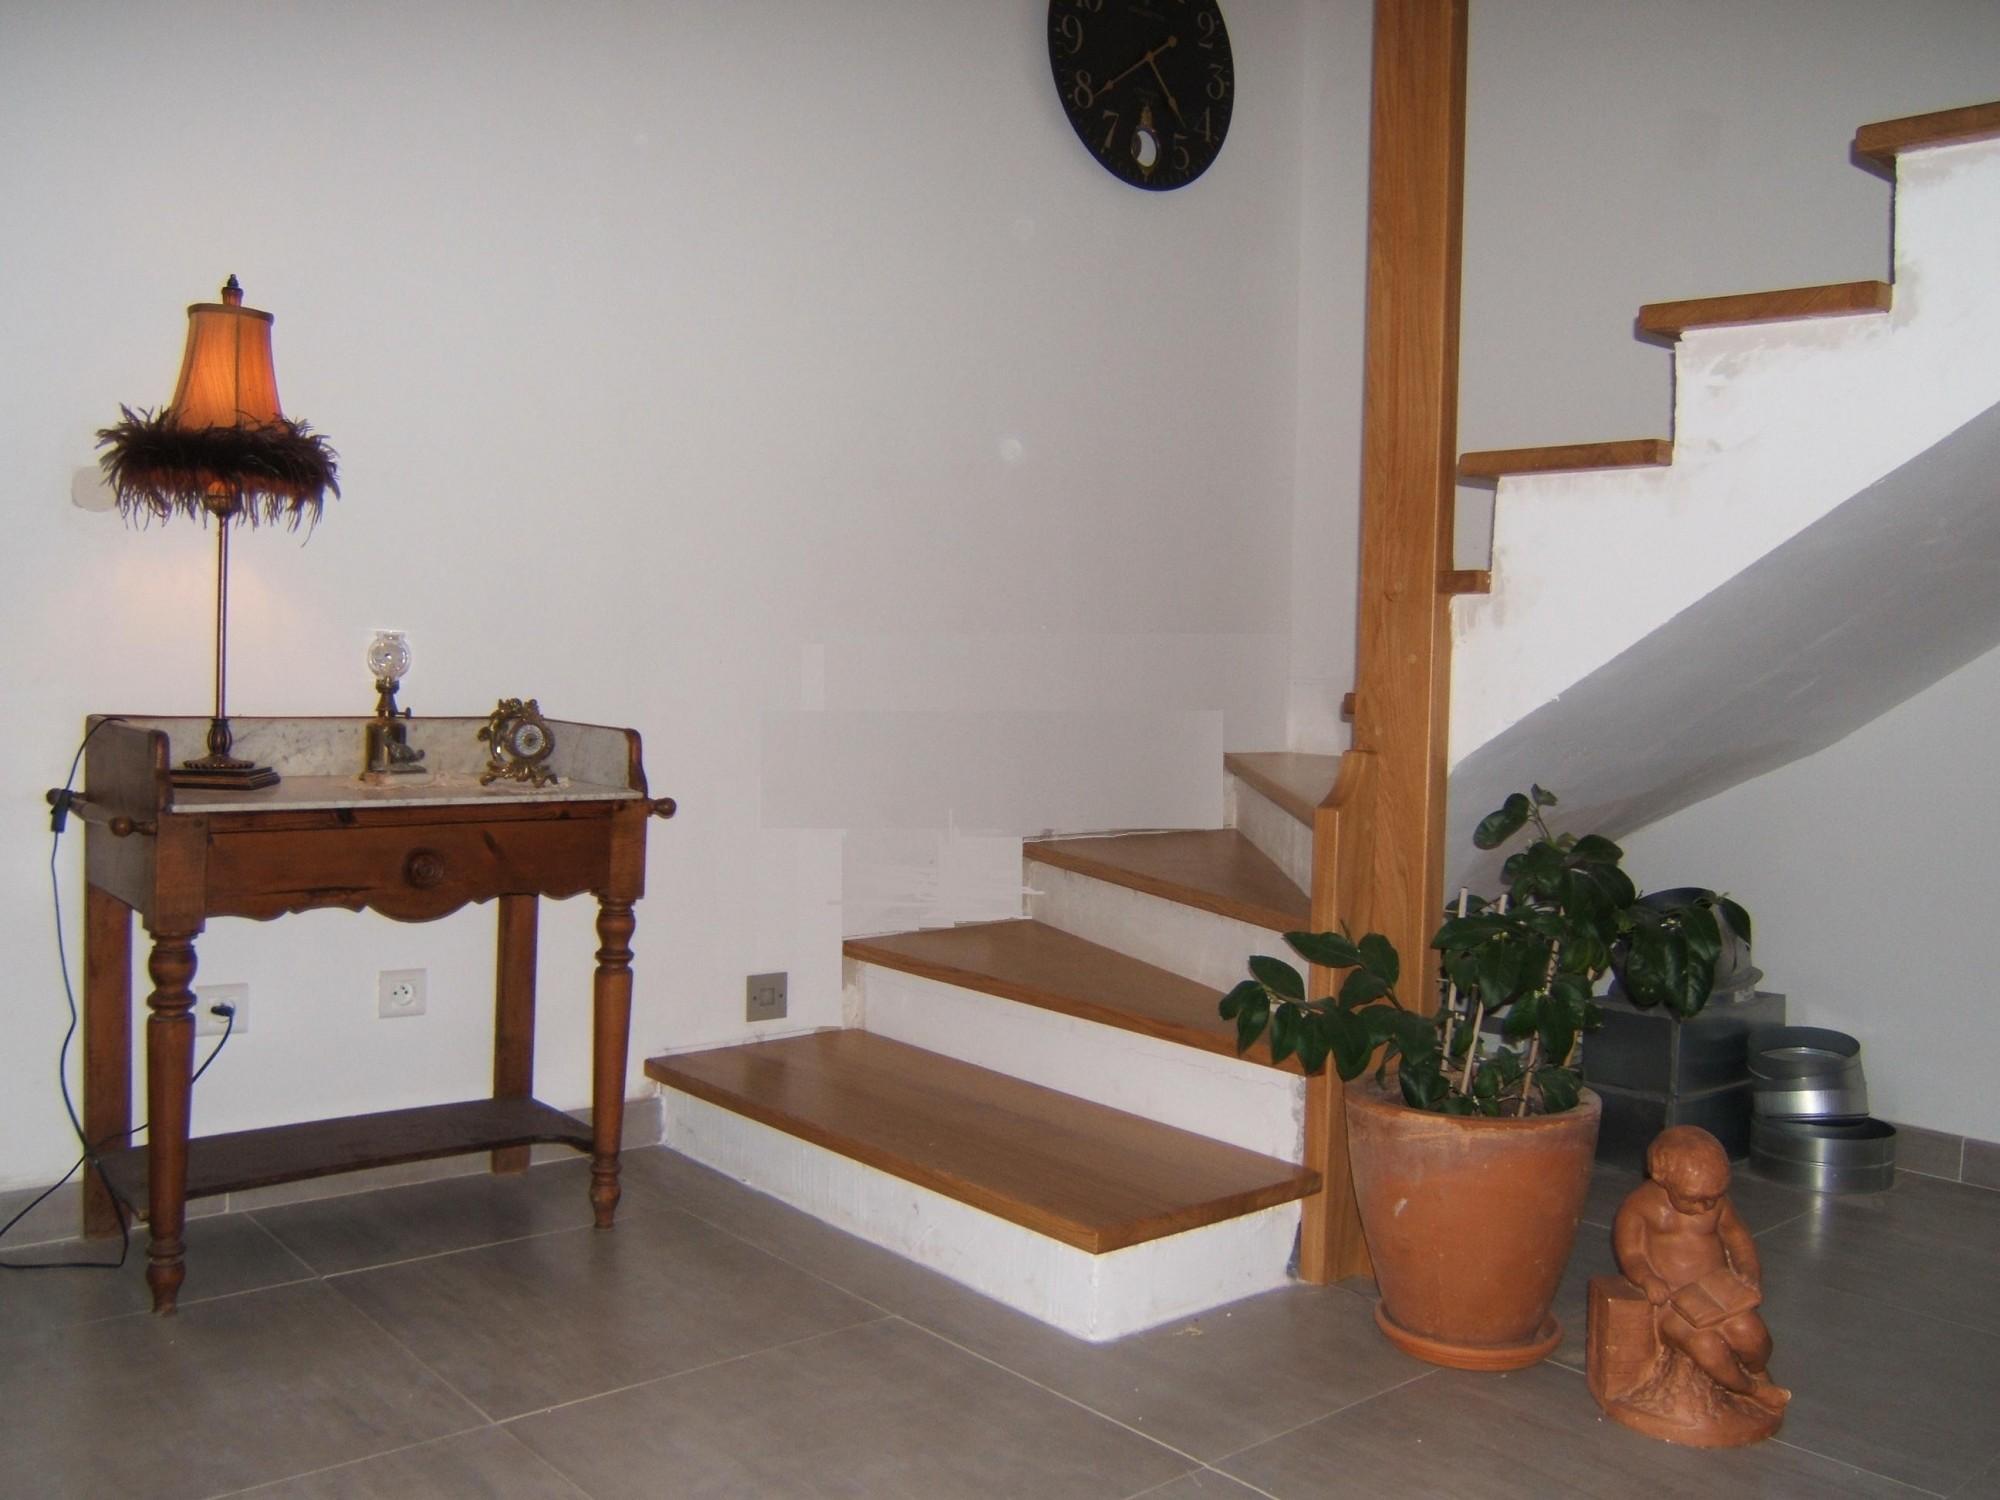 Escalier Interieur Beton Design marches bois sur escalier béton à aubagne - menuiserie md